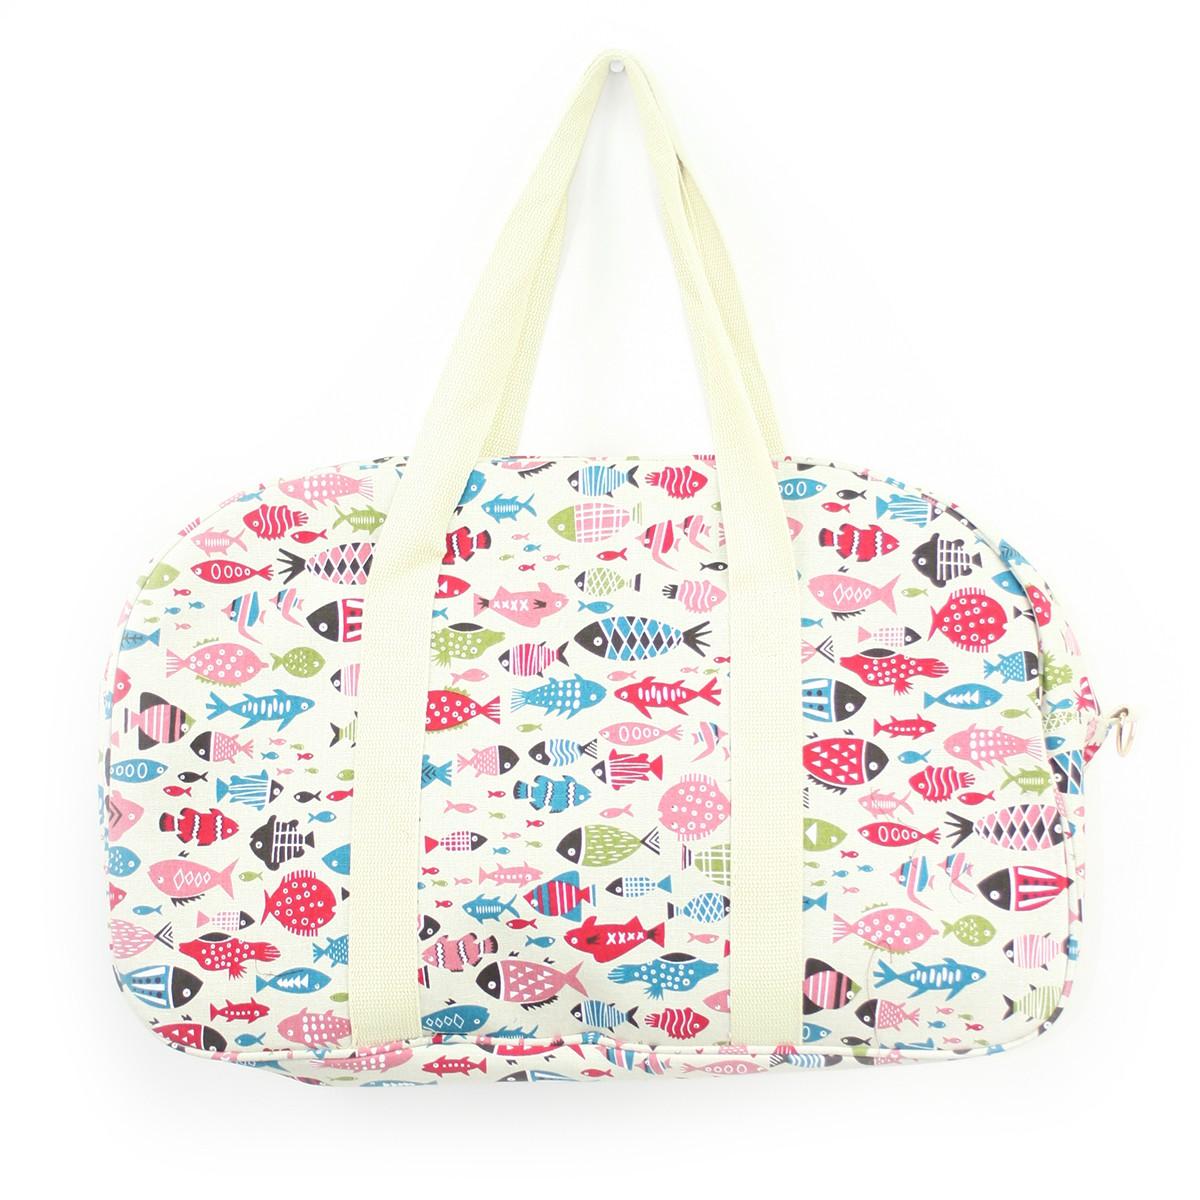 Τσάντα ταξιδιού με πολύχρωμα ψαράκια μεγάλη